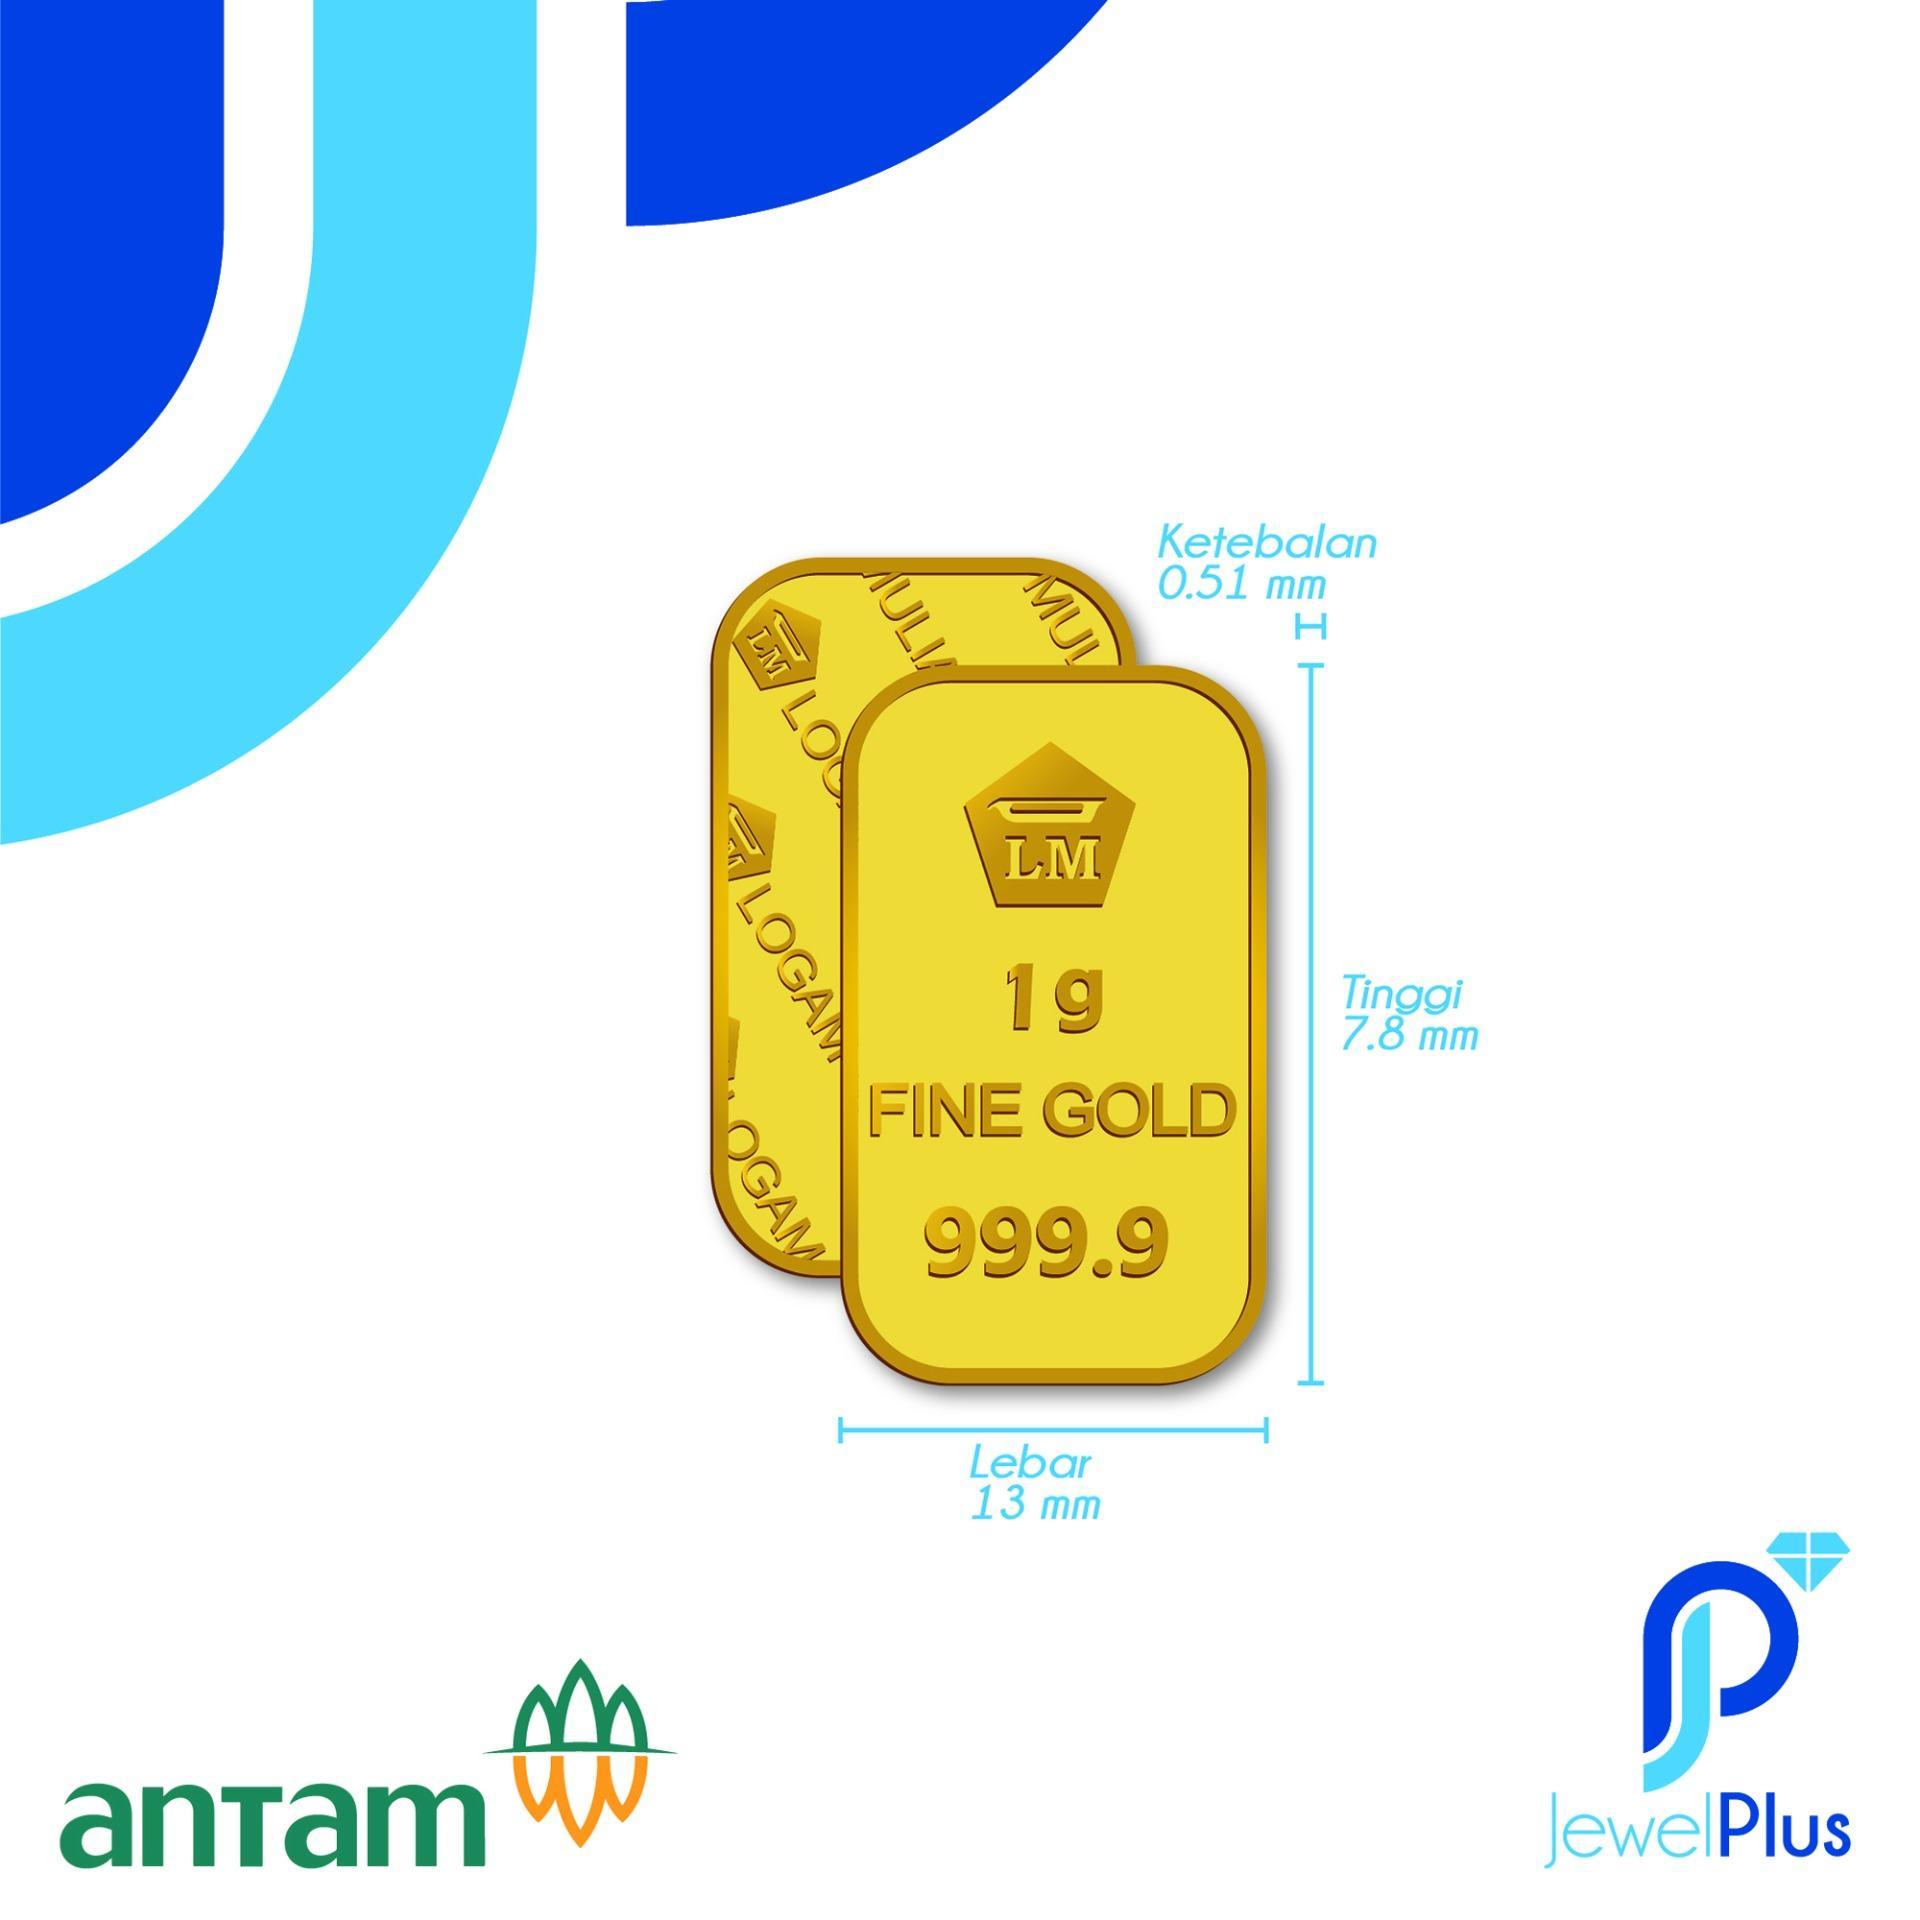 Logam Mulia 1 Gram7 Daftar Harga Terbaik Dan Terlengkap Indonesia Antam Gold 2 Gram Bersaingnbsp Emas Bersertifikat